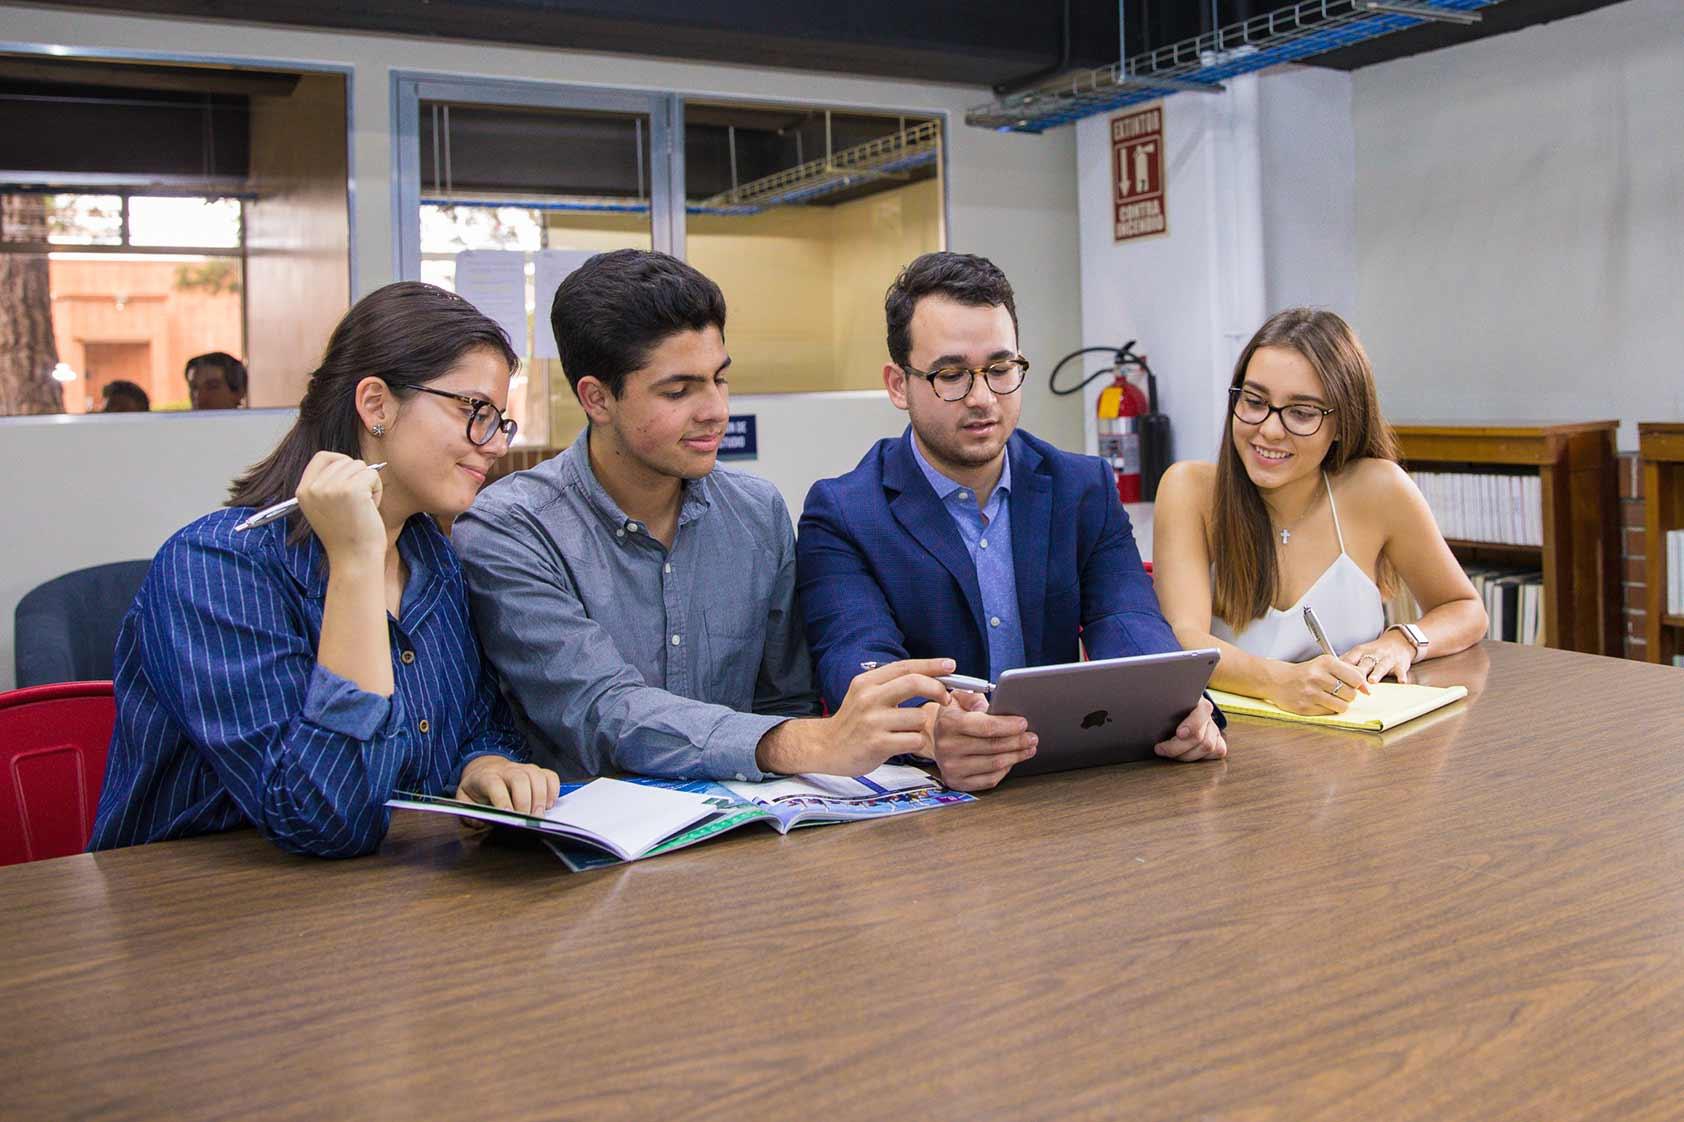 Biblioteca UVG: más de 68 000 títulos para mejorar la enseñanza-aprendizaje